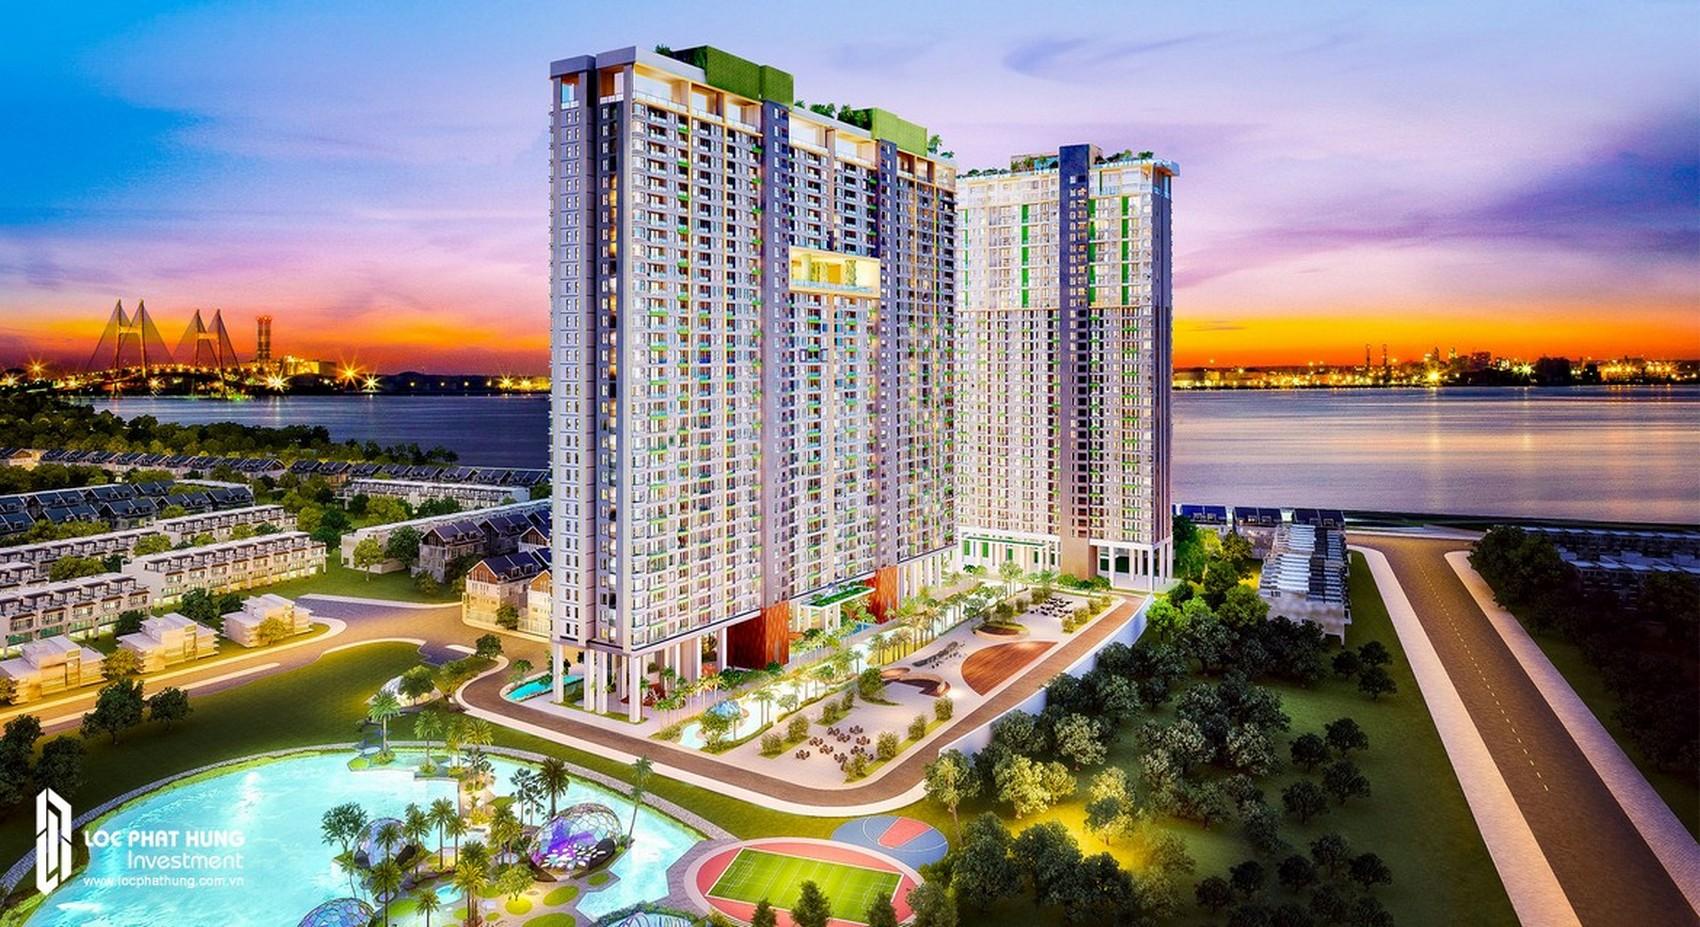 Phối cảnh dự án căn hộ chung cư River Panorama Quận 7 Đường 89 Hoàng Quốc Việt chủ đầu tư An Gia Investment